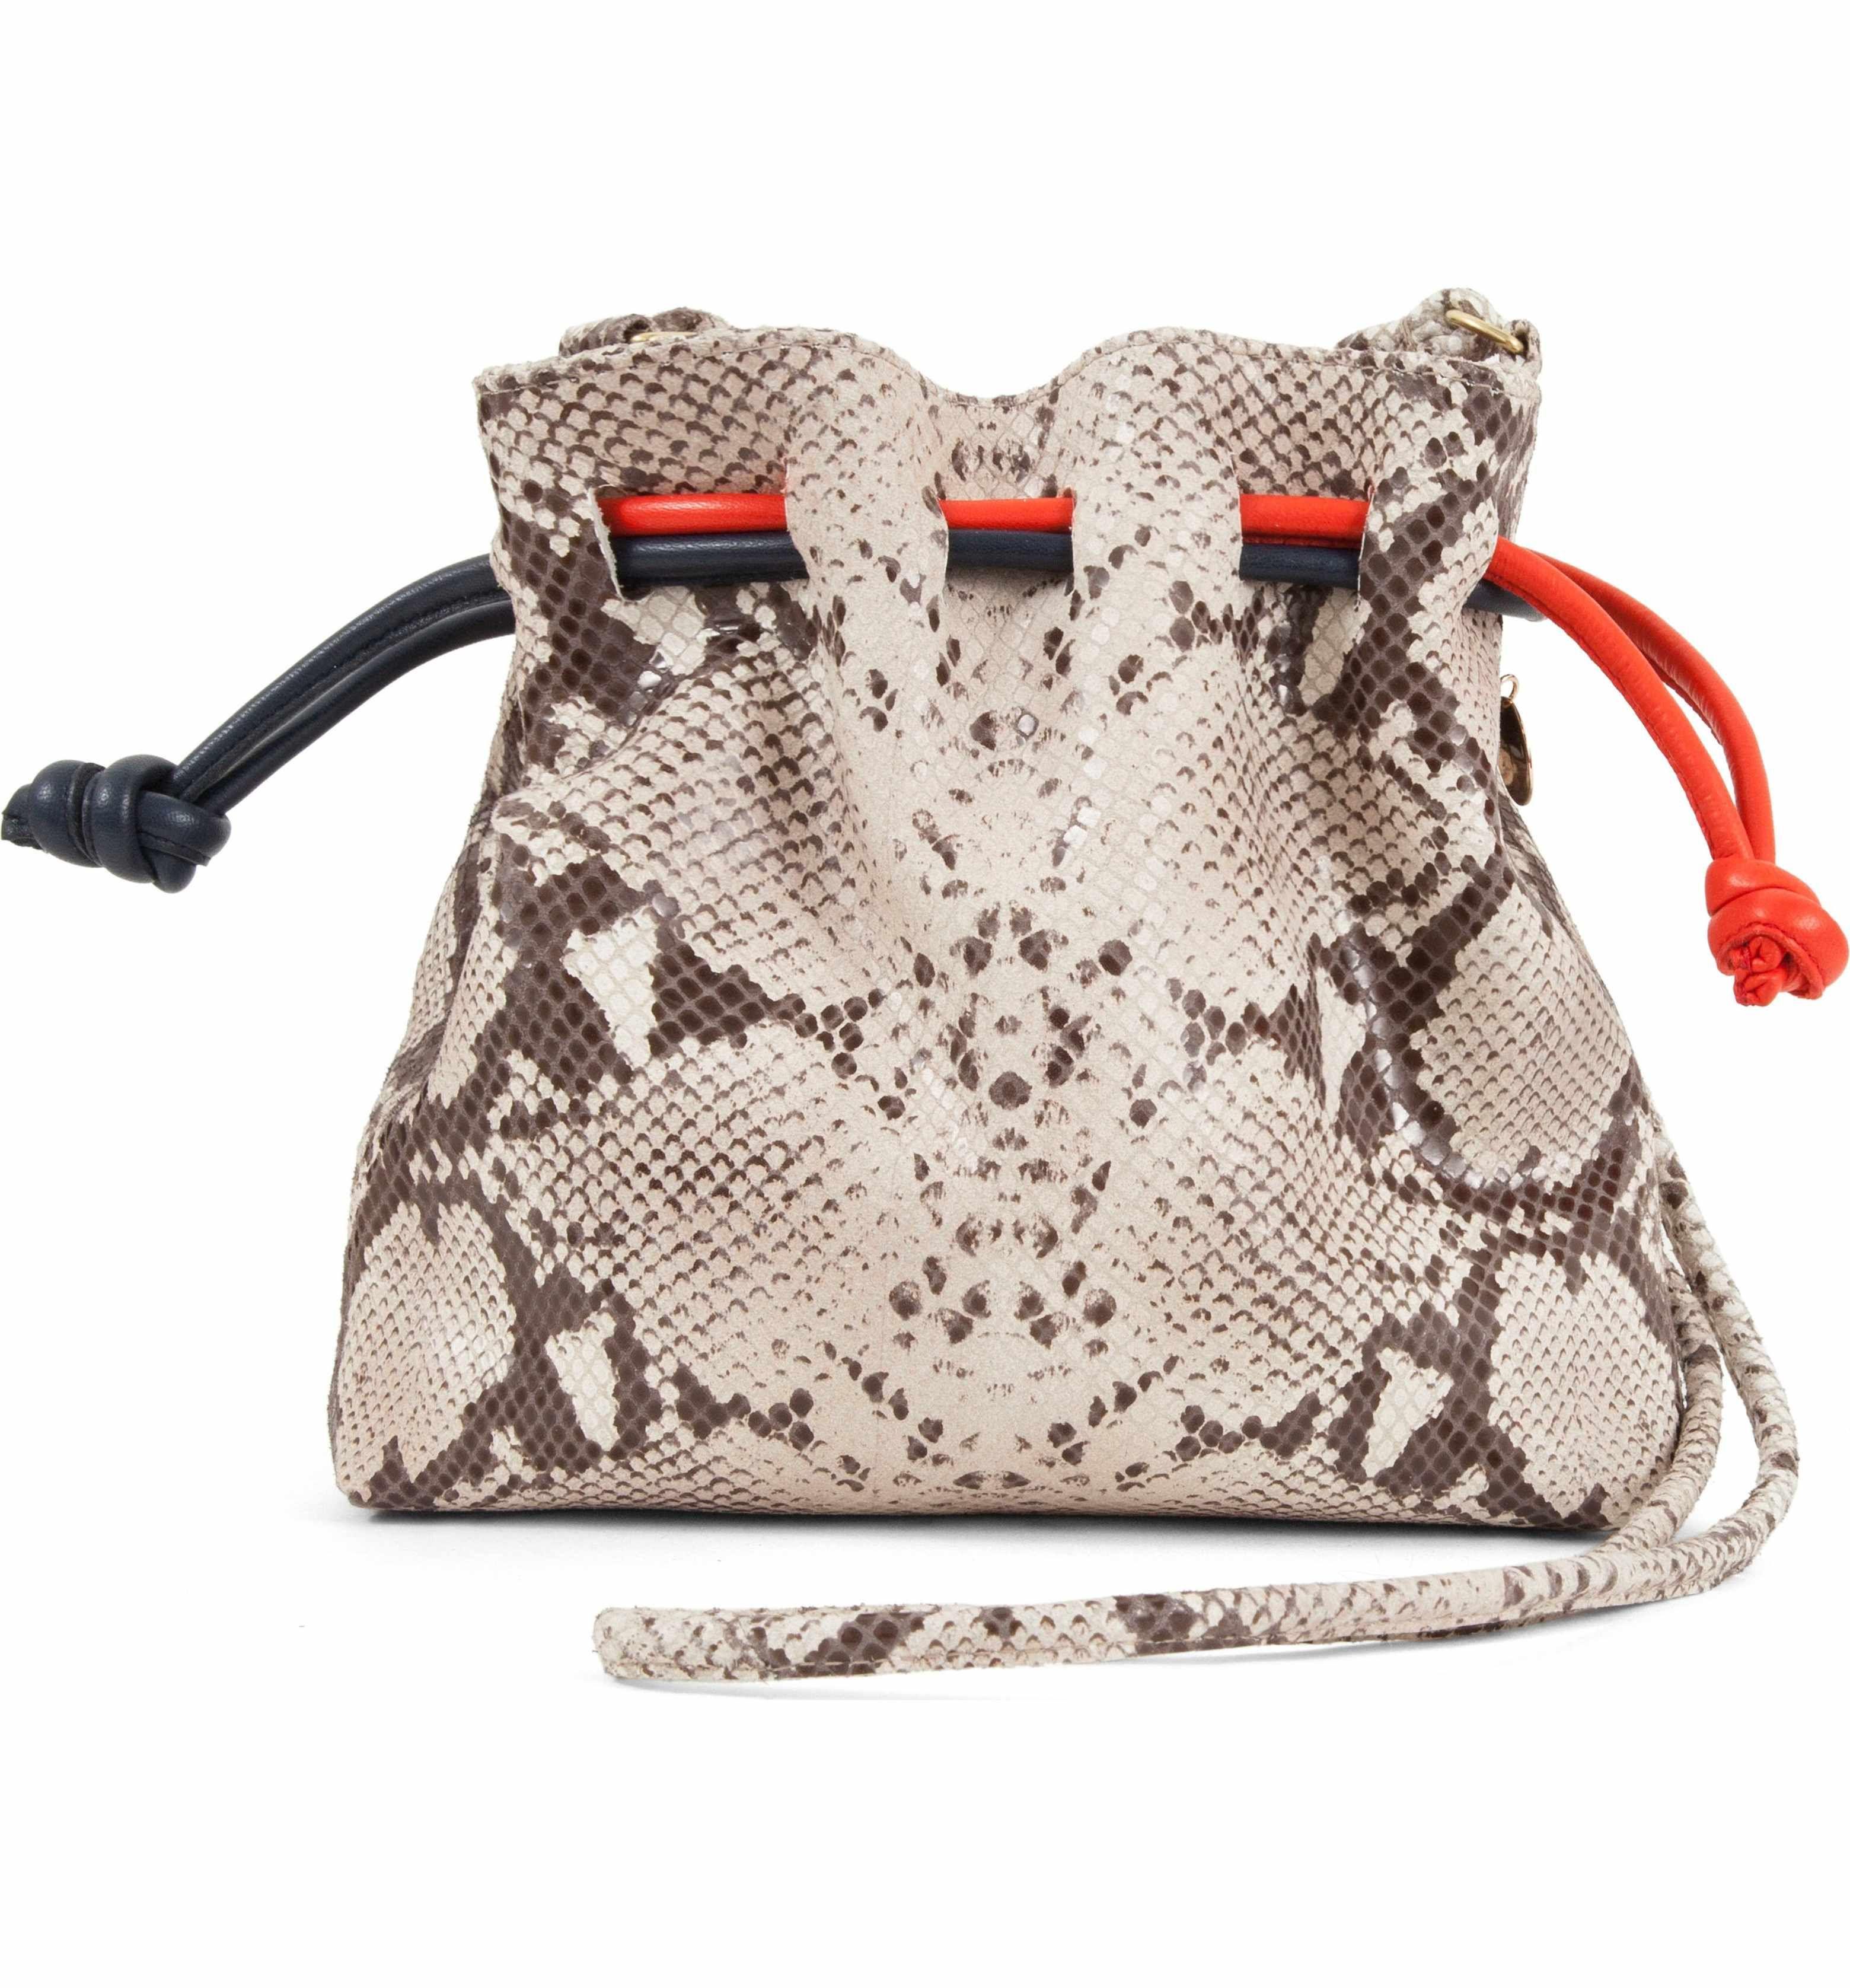 6cd1d2d44325 Main Image - Clare V. Petite Henri Supreme Snakeskin Embossed Leather  Bucket Bag